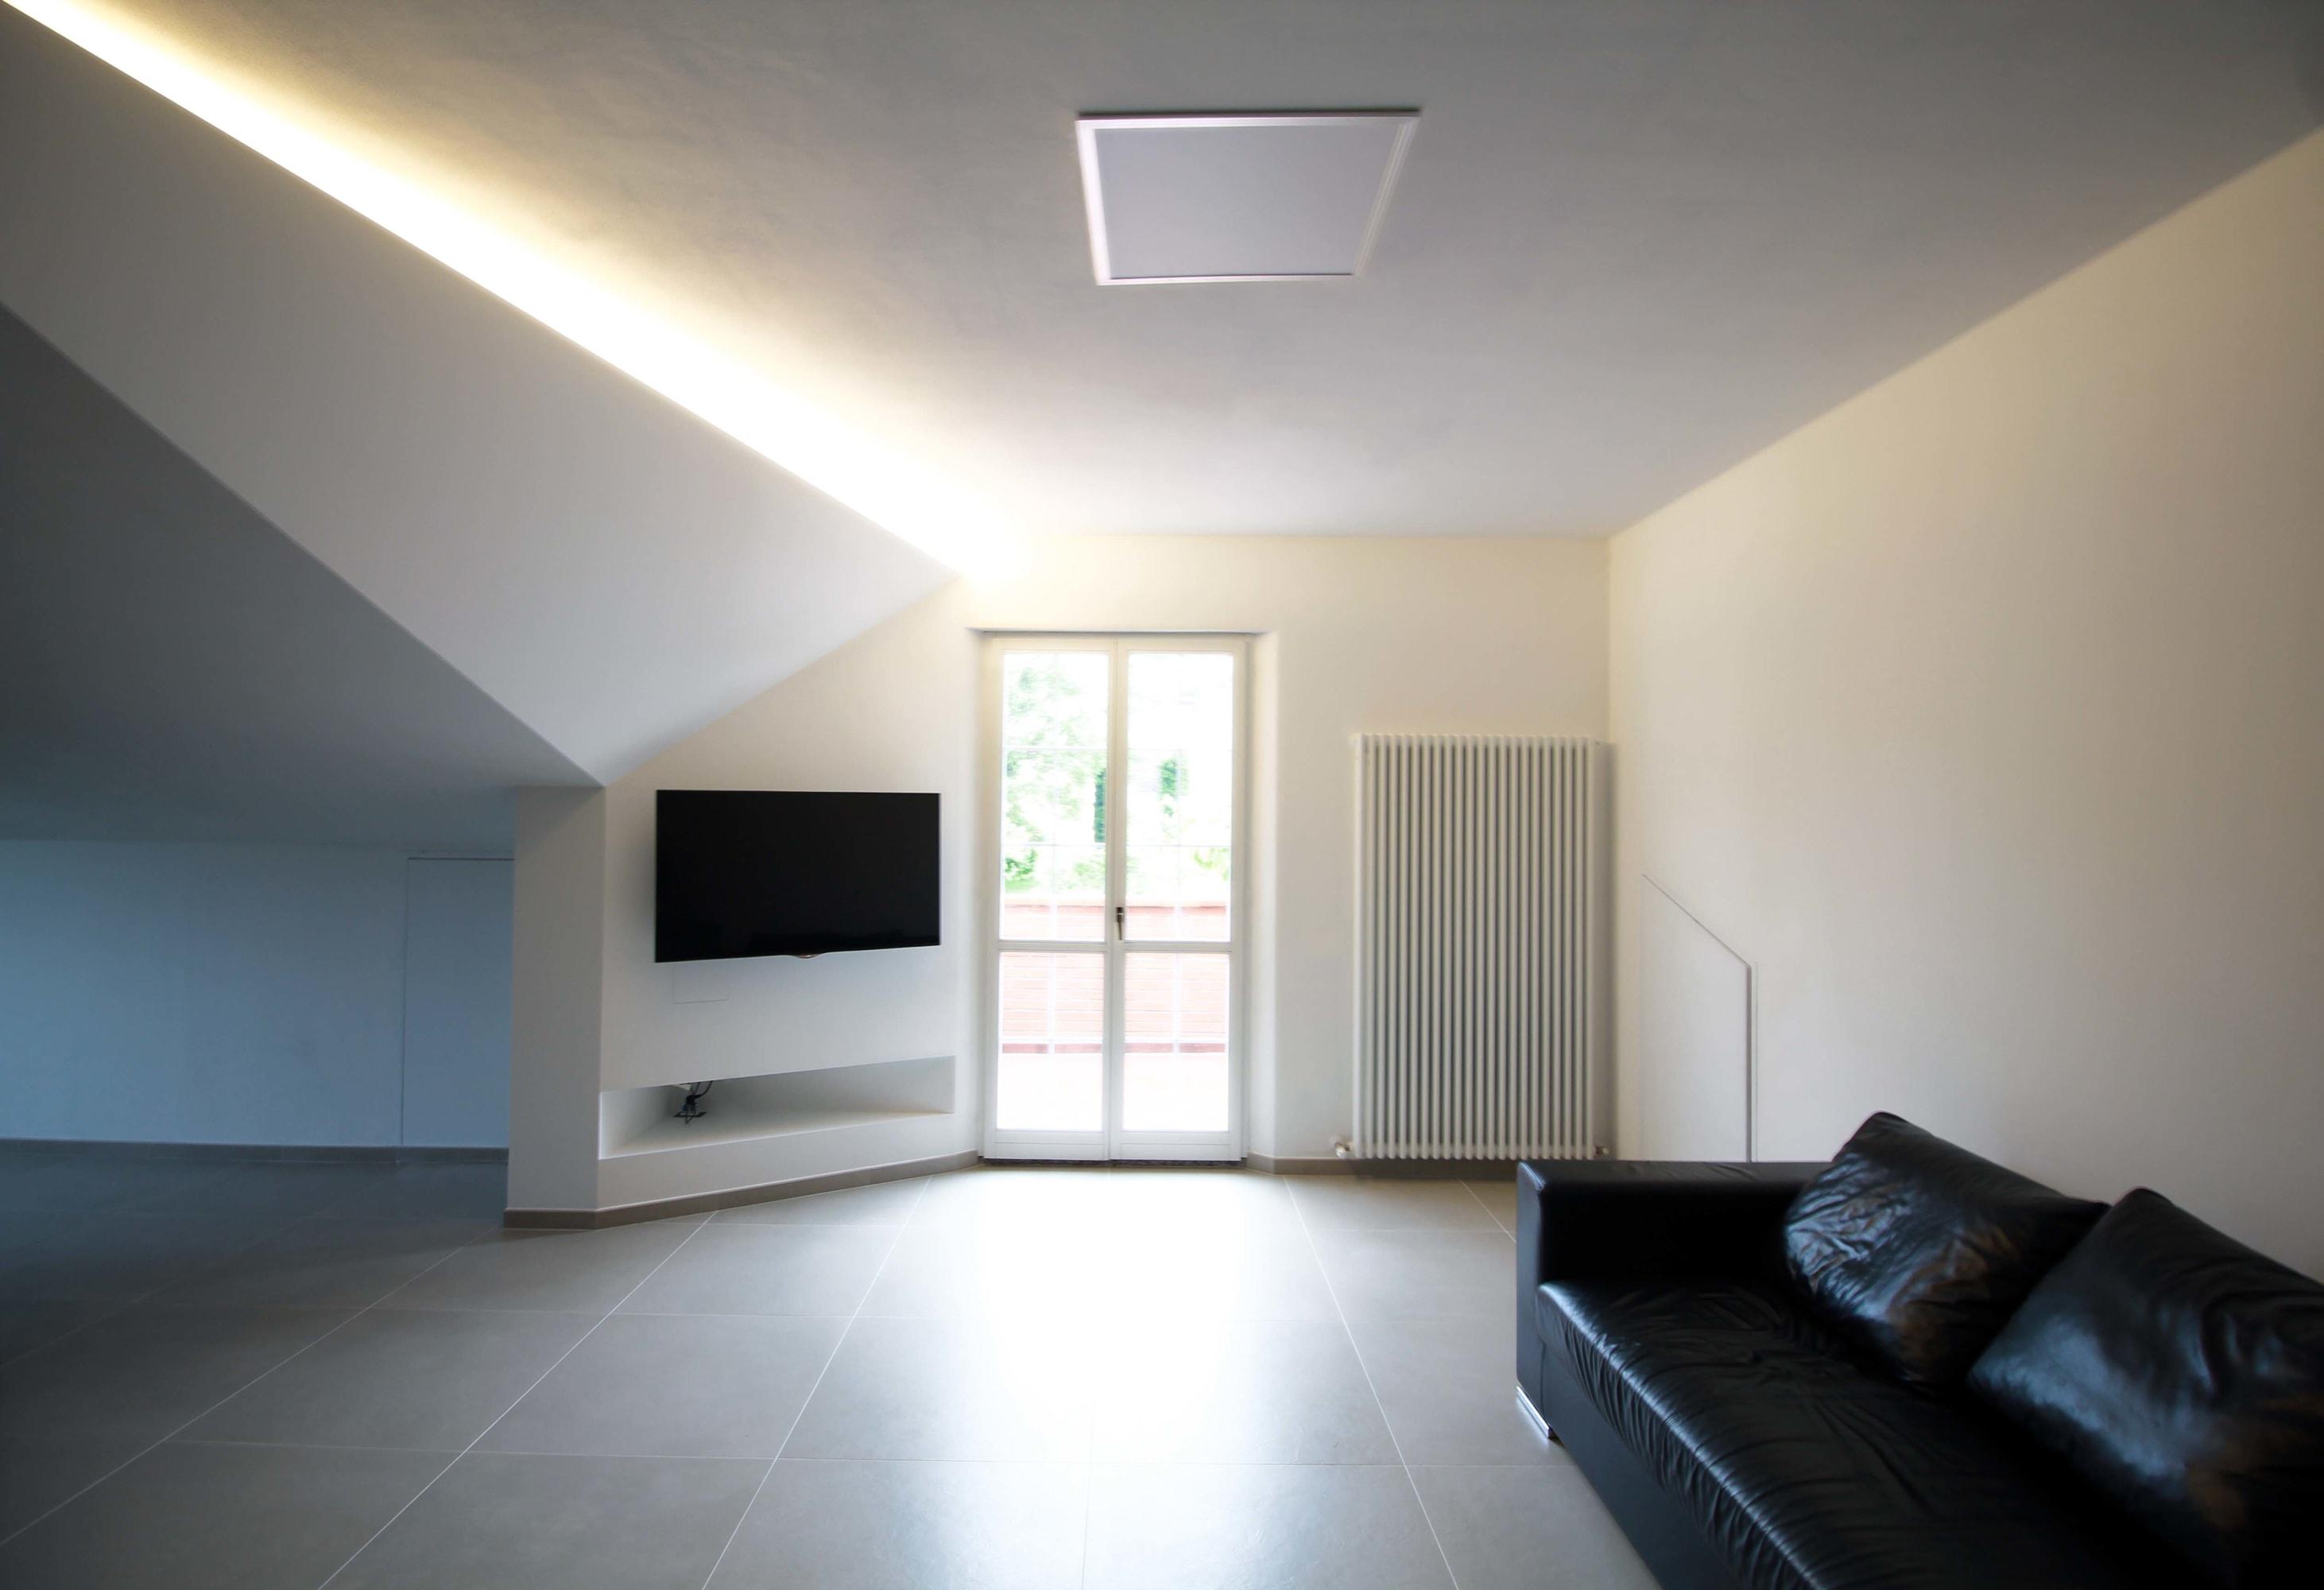 Stanza Studio In Casa laprimastanza, matteo battistini, davide agostini, steve